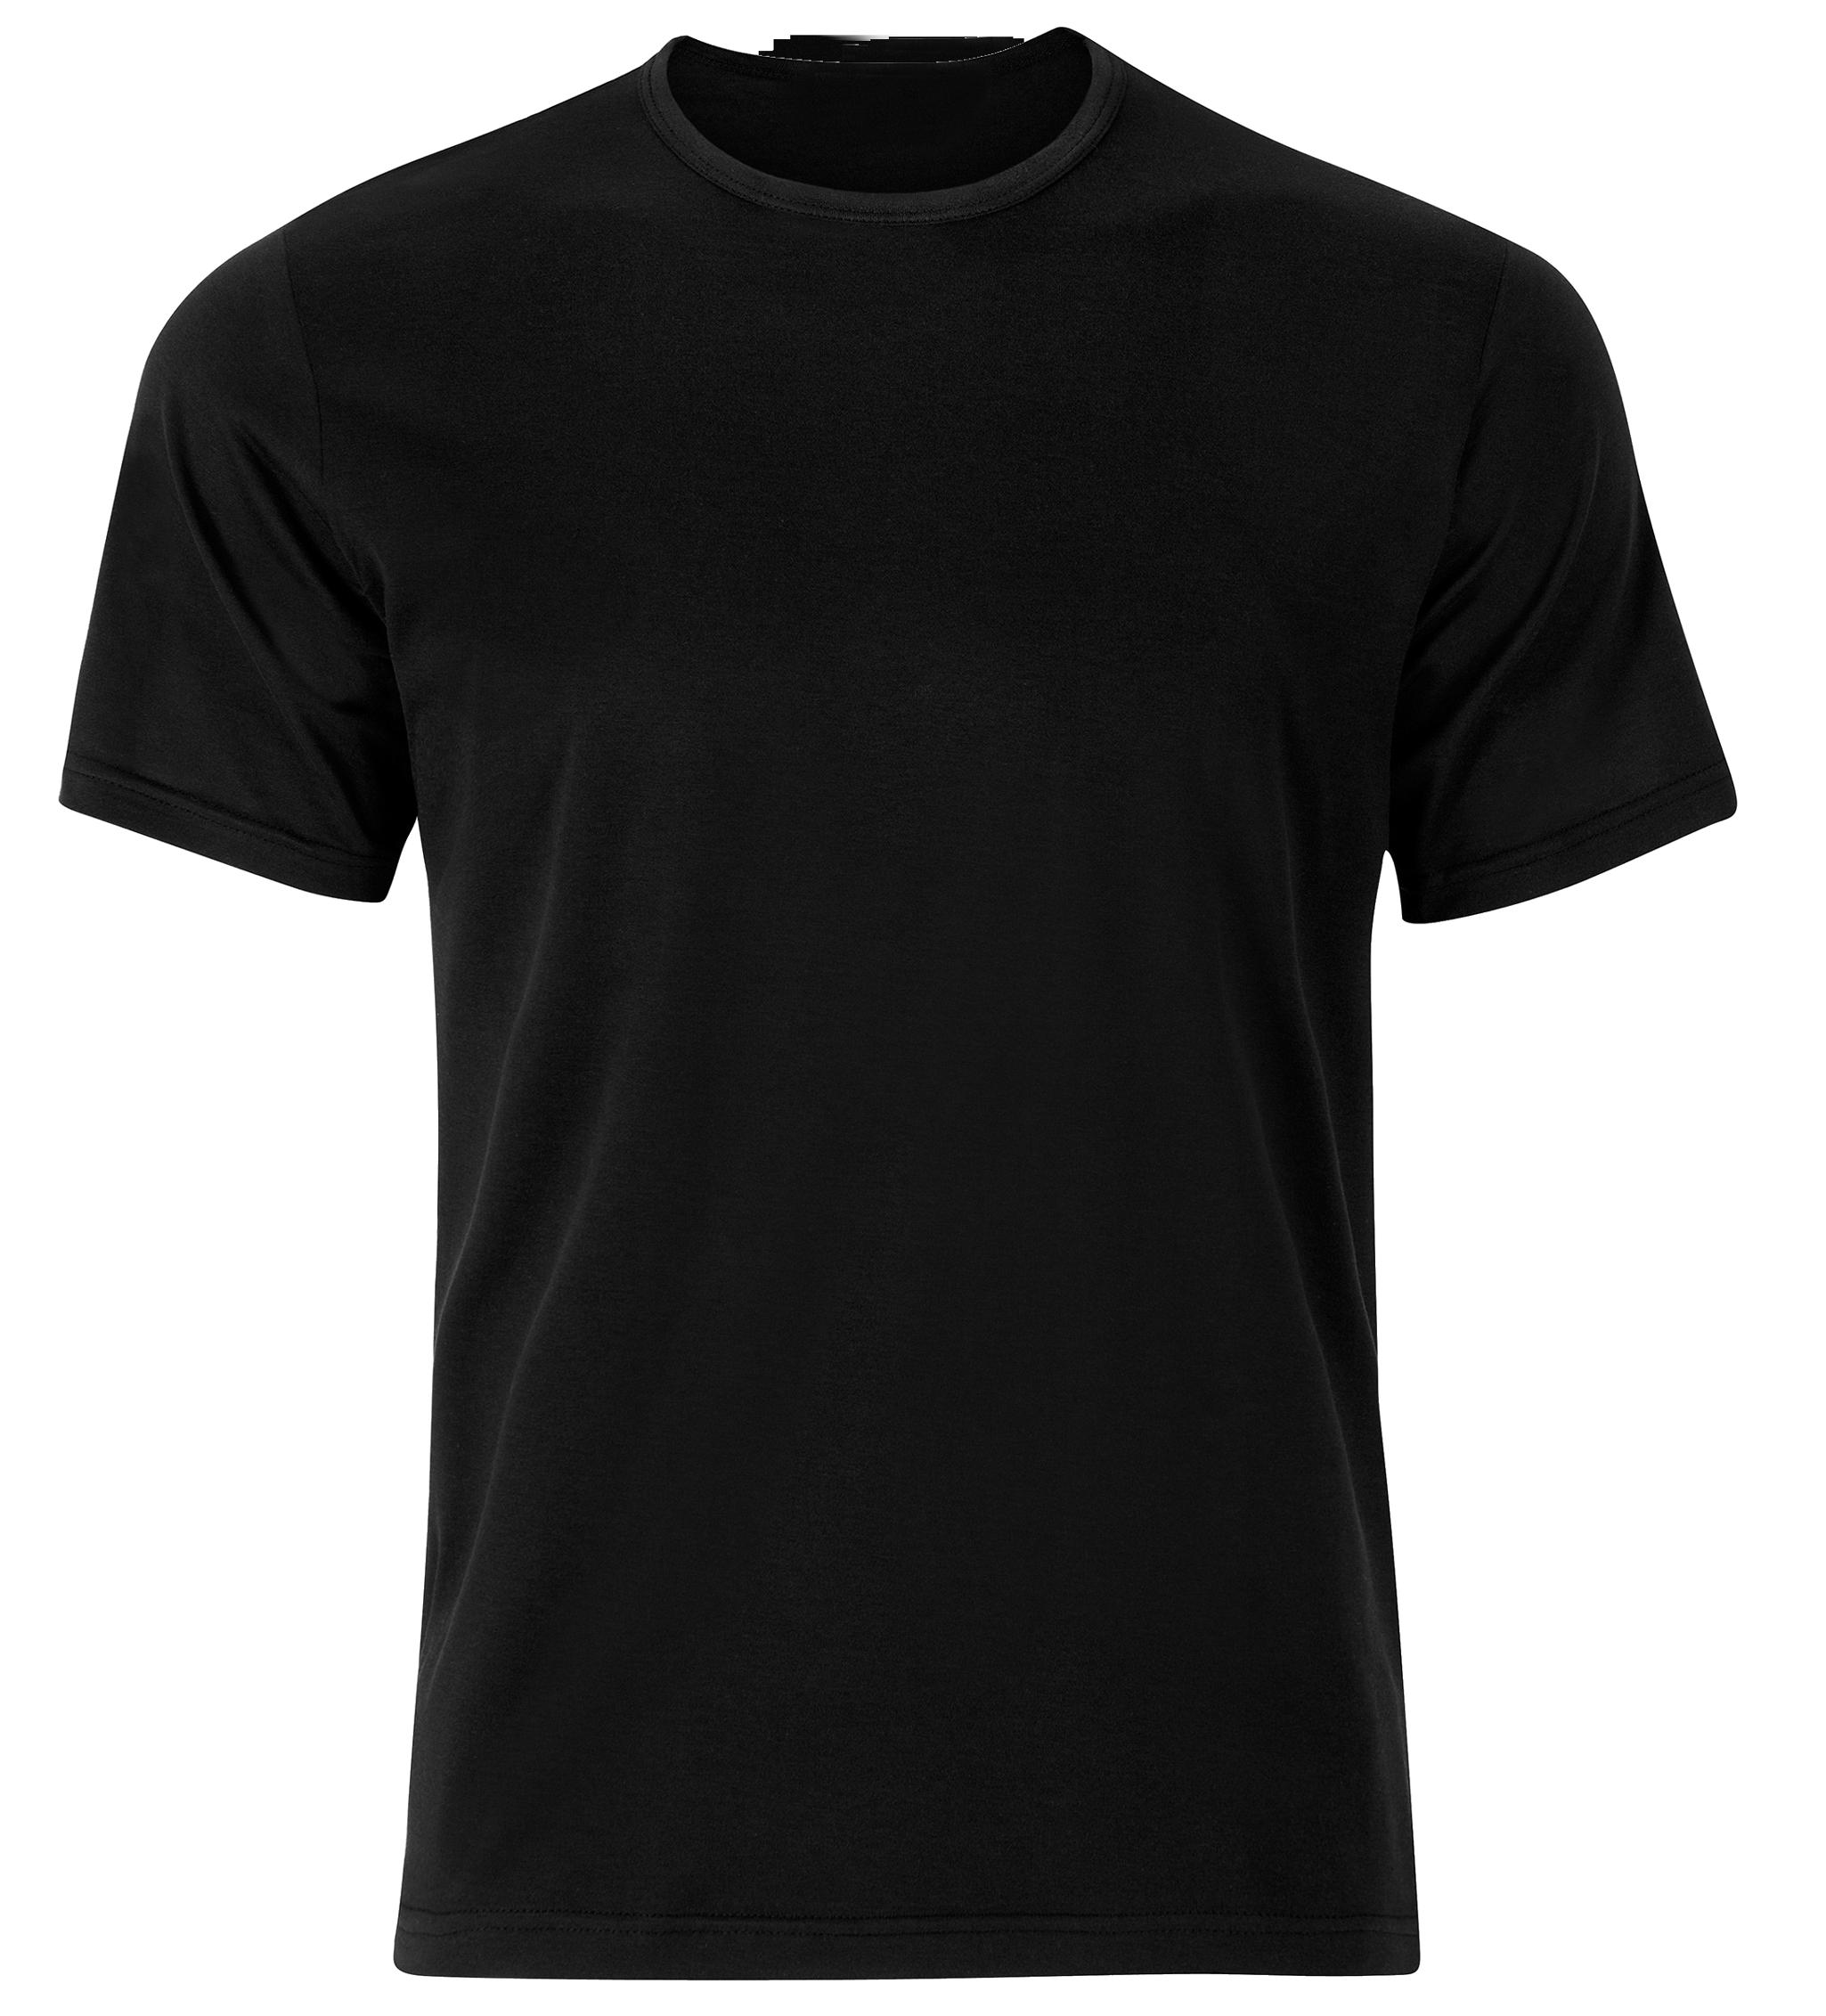 Shirt PNG HD - 123570